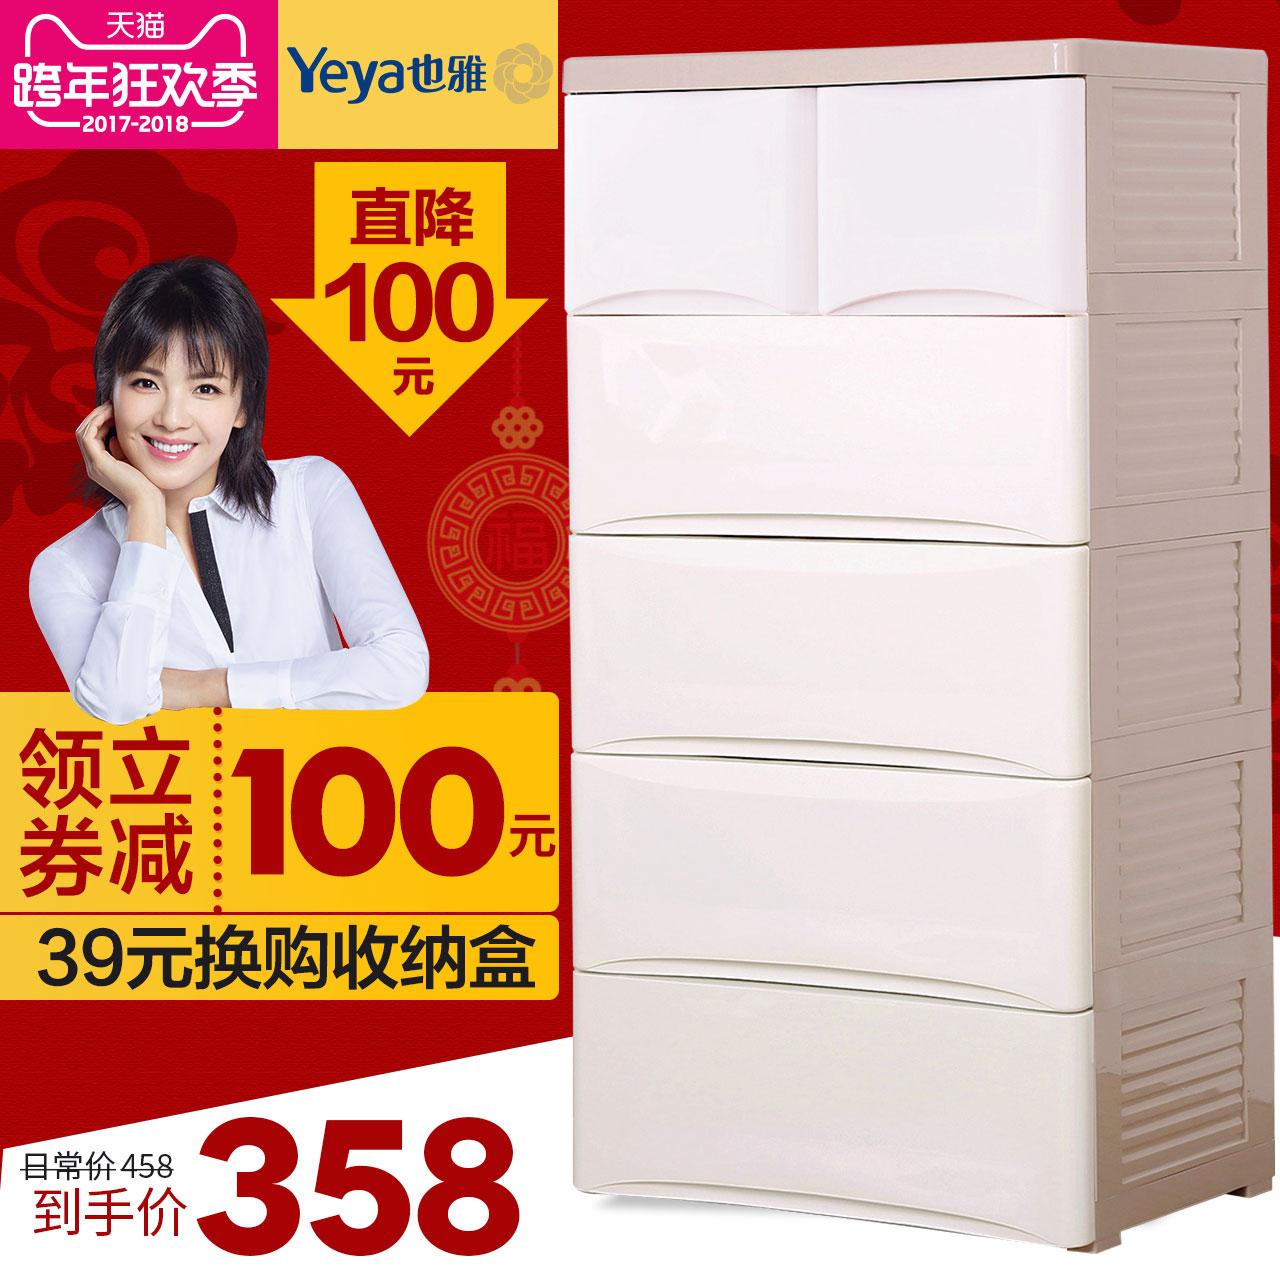 也雅儿童收纳柜宝宝衣柜抽屉式 衣物整理储物柜塑料加厚五层柜子5元优惠券